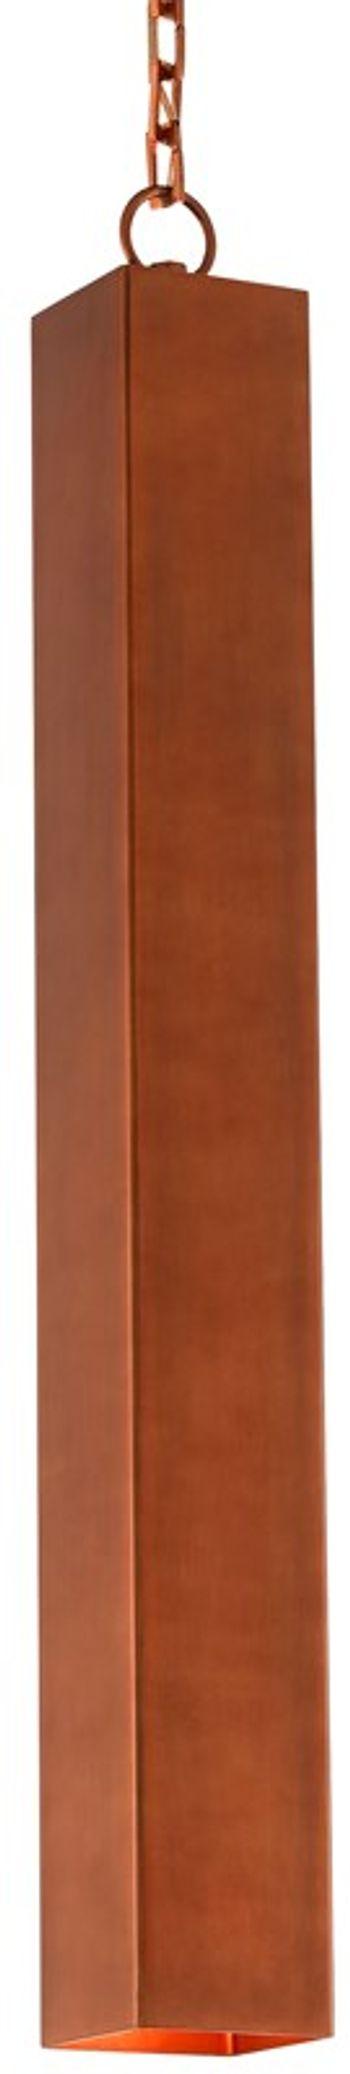 Compton Copper Pendant